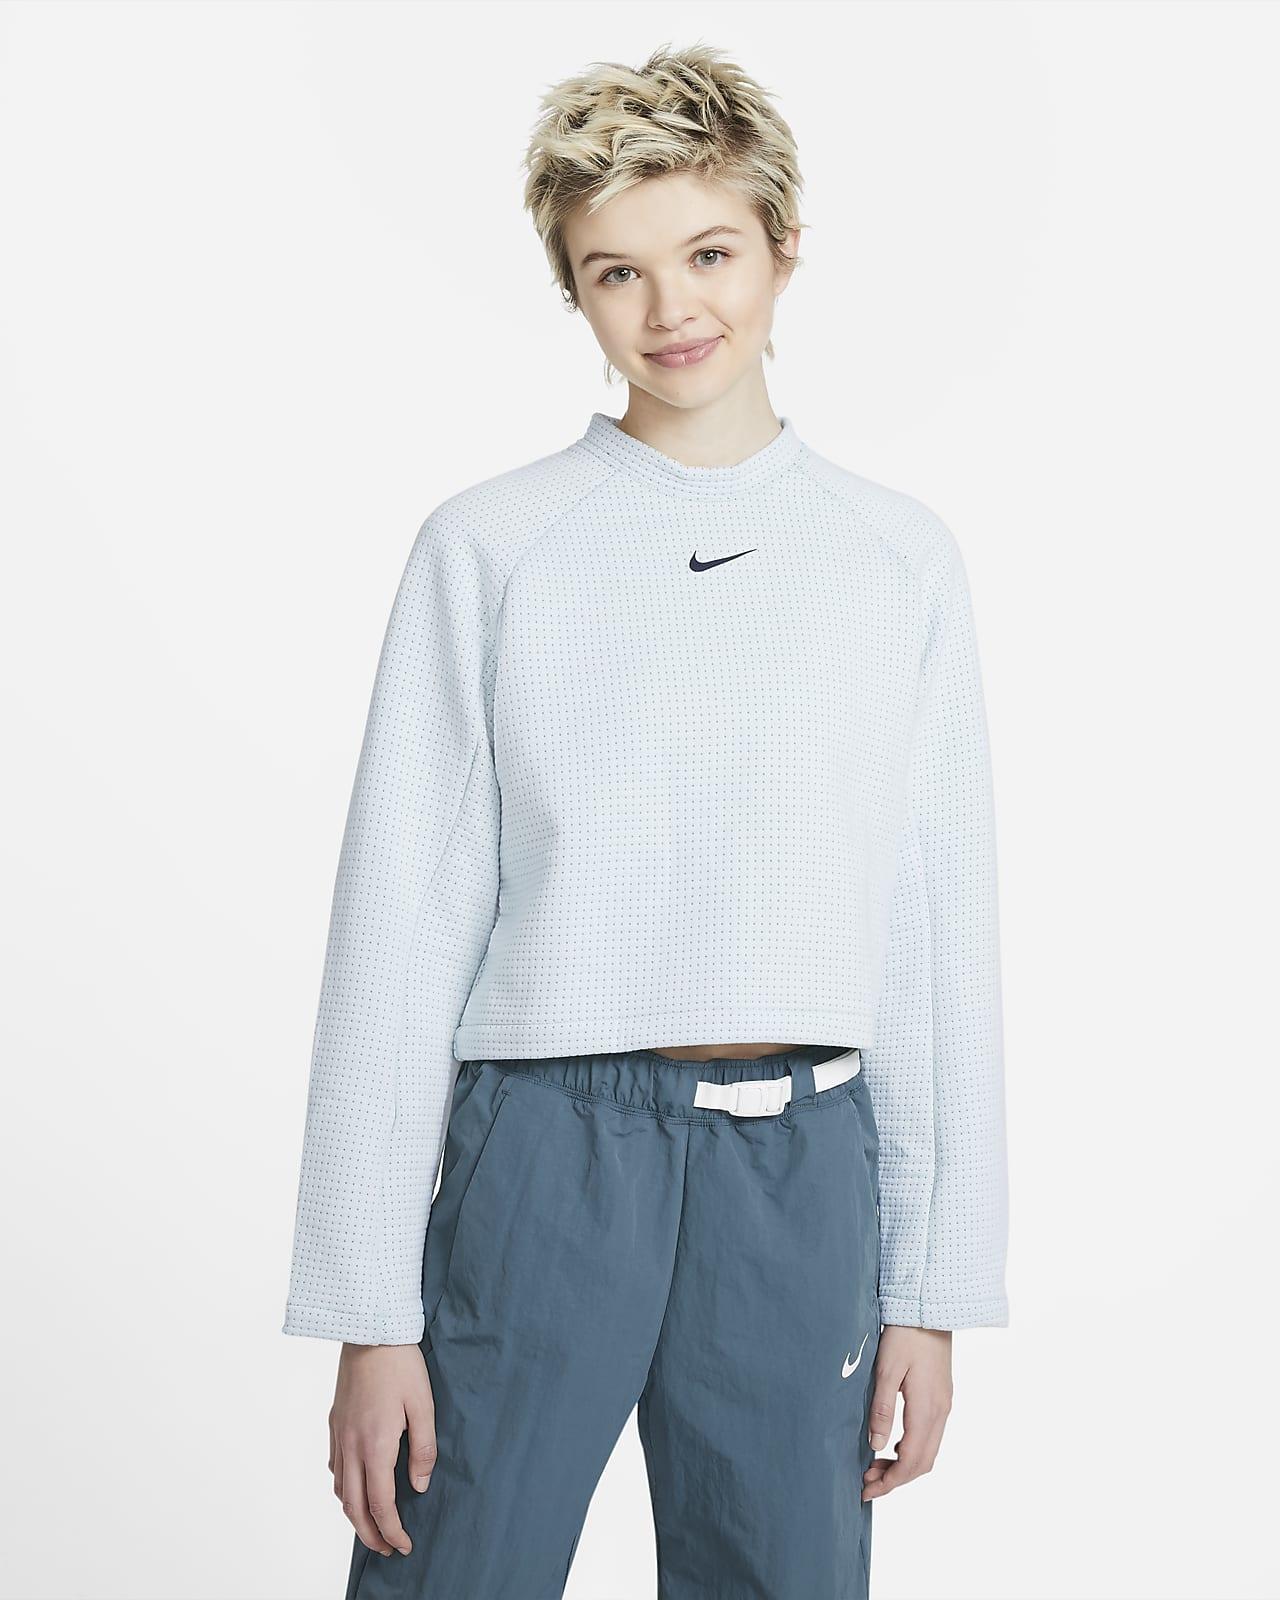 Nike Sportswear Tech Fleece Women's Long-Sleeve Top